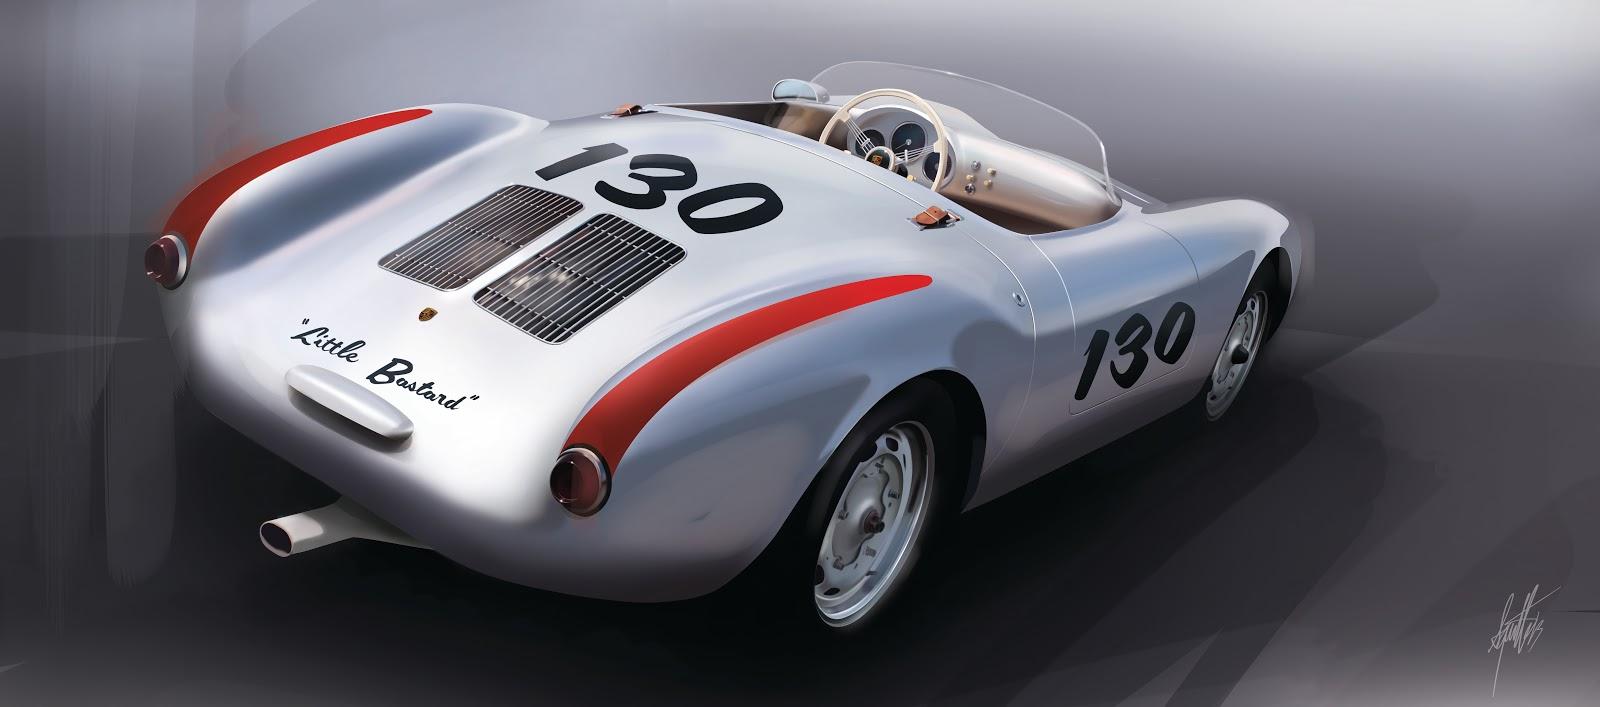 Porsche Of Burlington Porsche Sales Service In Upcomingcarshq Com